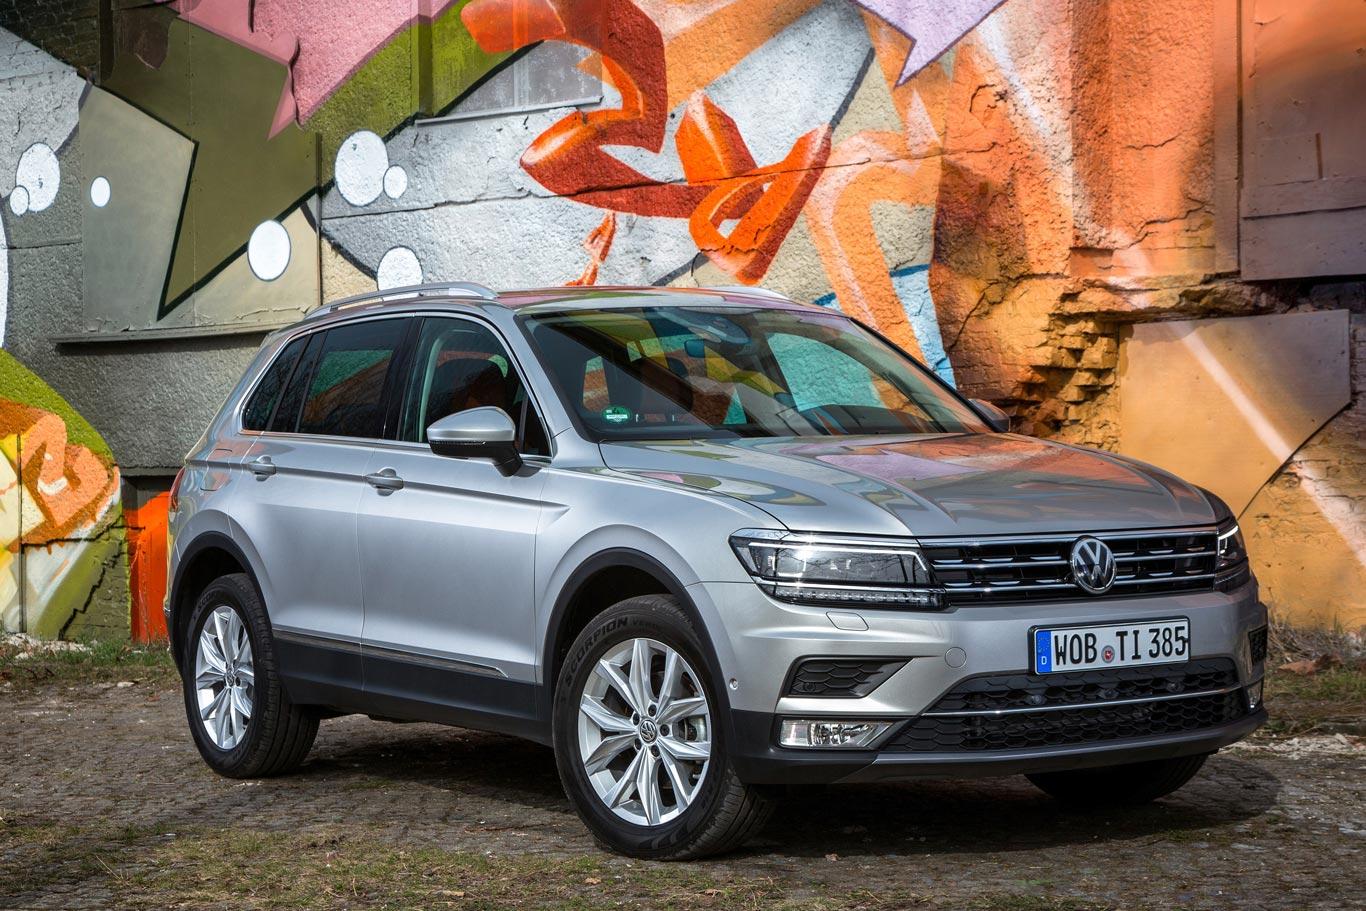 Das Facelift des VW Tiguan wird mit Spannung erwartet. Das Bild zeigt noch das aktuelle Vor-Facelift-Modell.